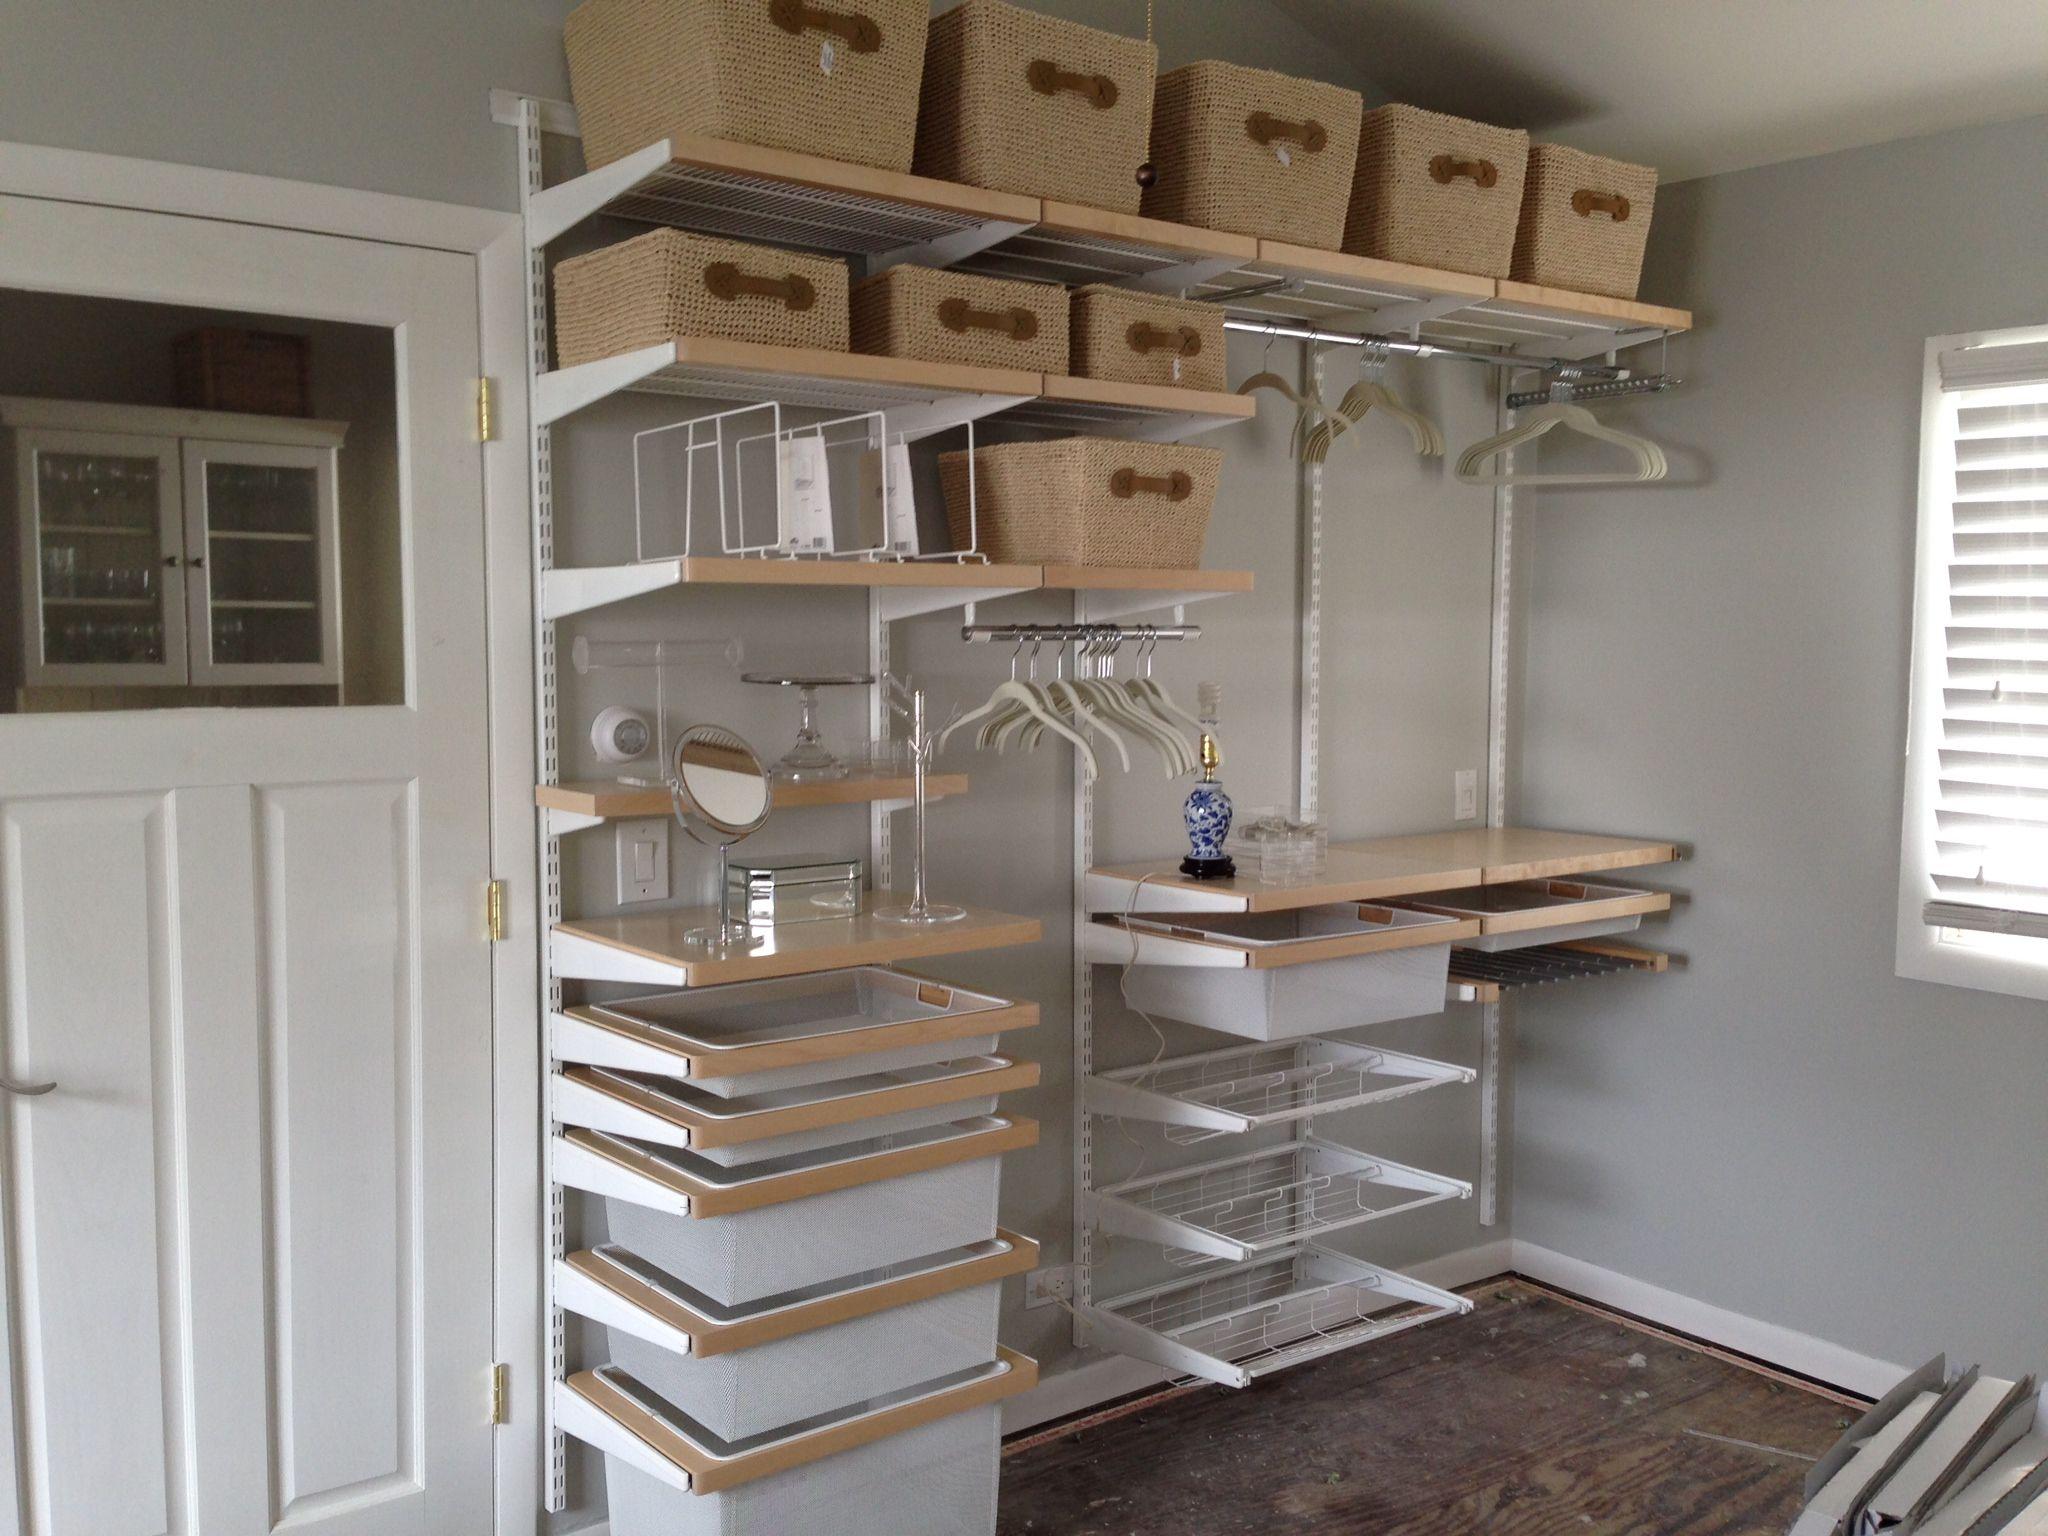 Gentil Elegant Interior Home Design Elfa Closet: Organizing With Elfa Closet In  The Bedroom